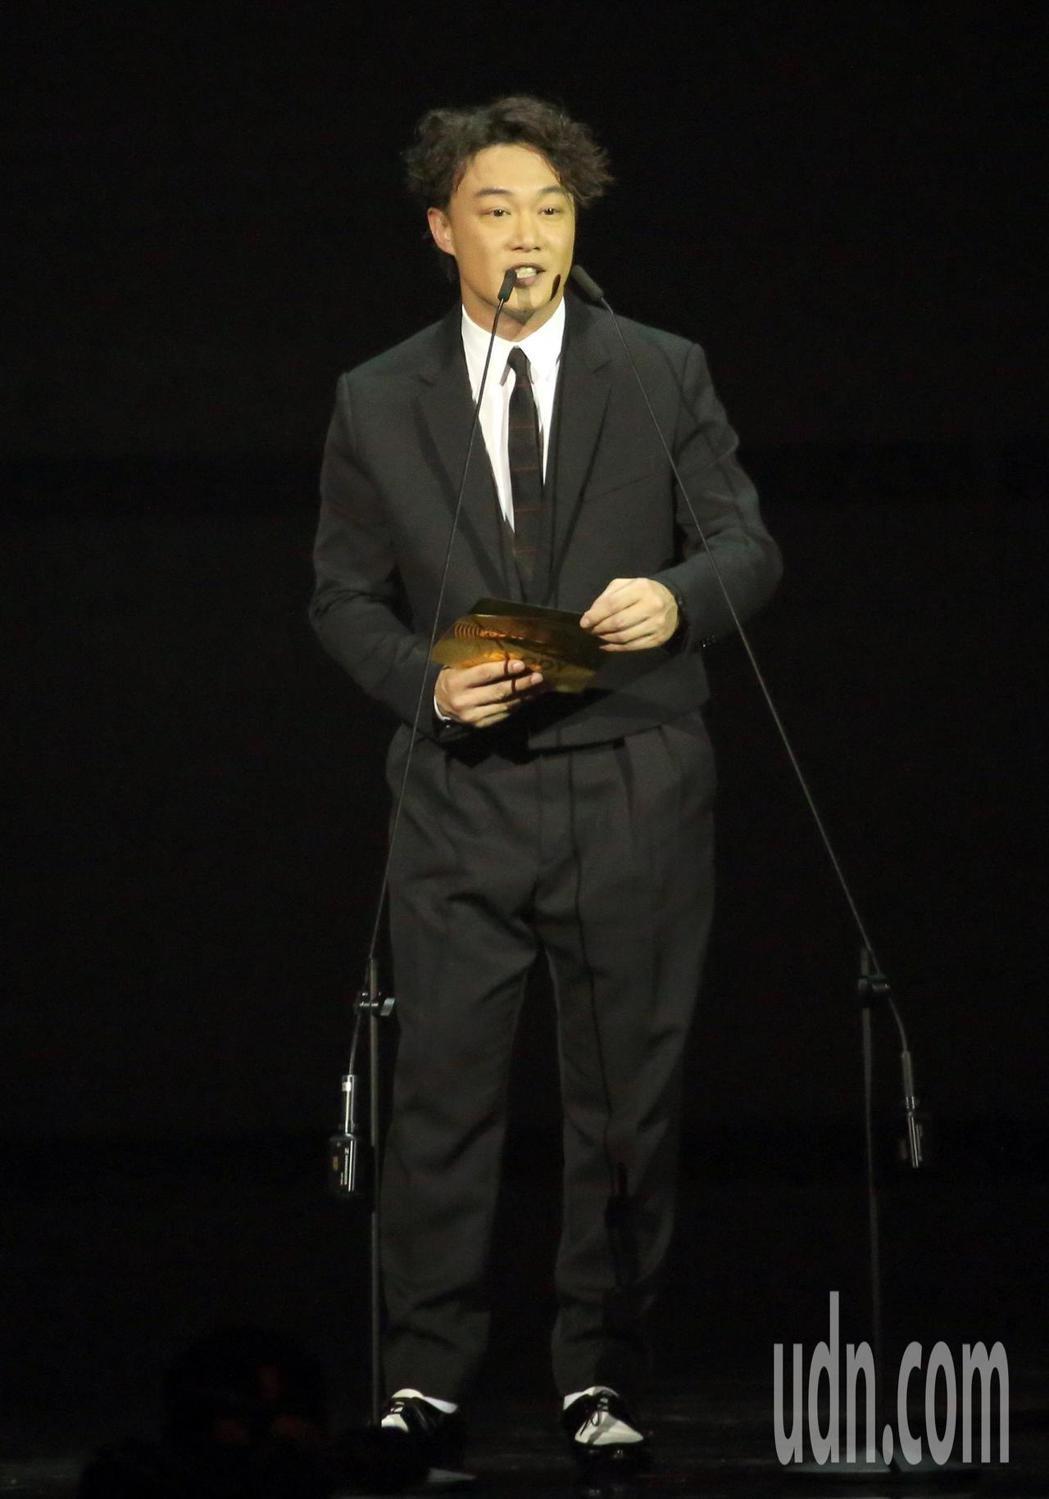 陳奕迅擔任金曲頒獎人。記者林伯東/攝影